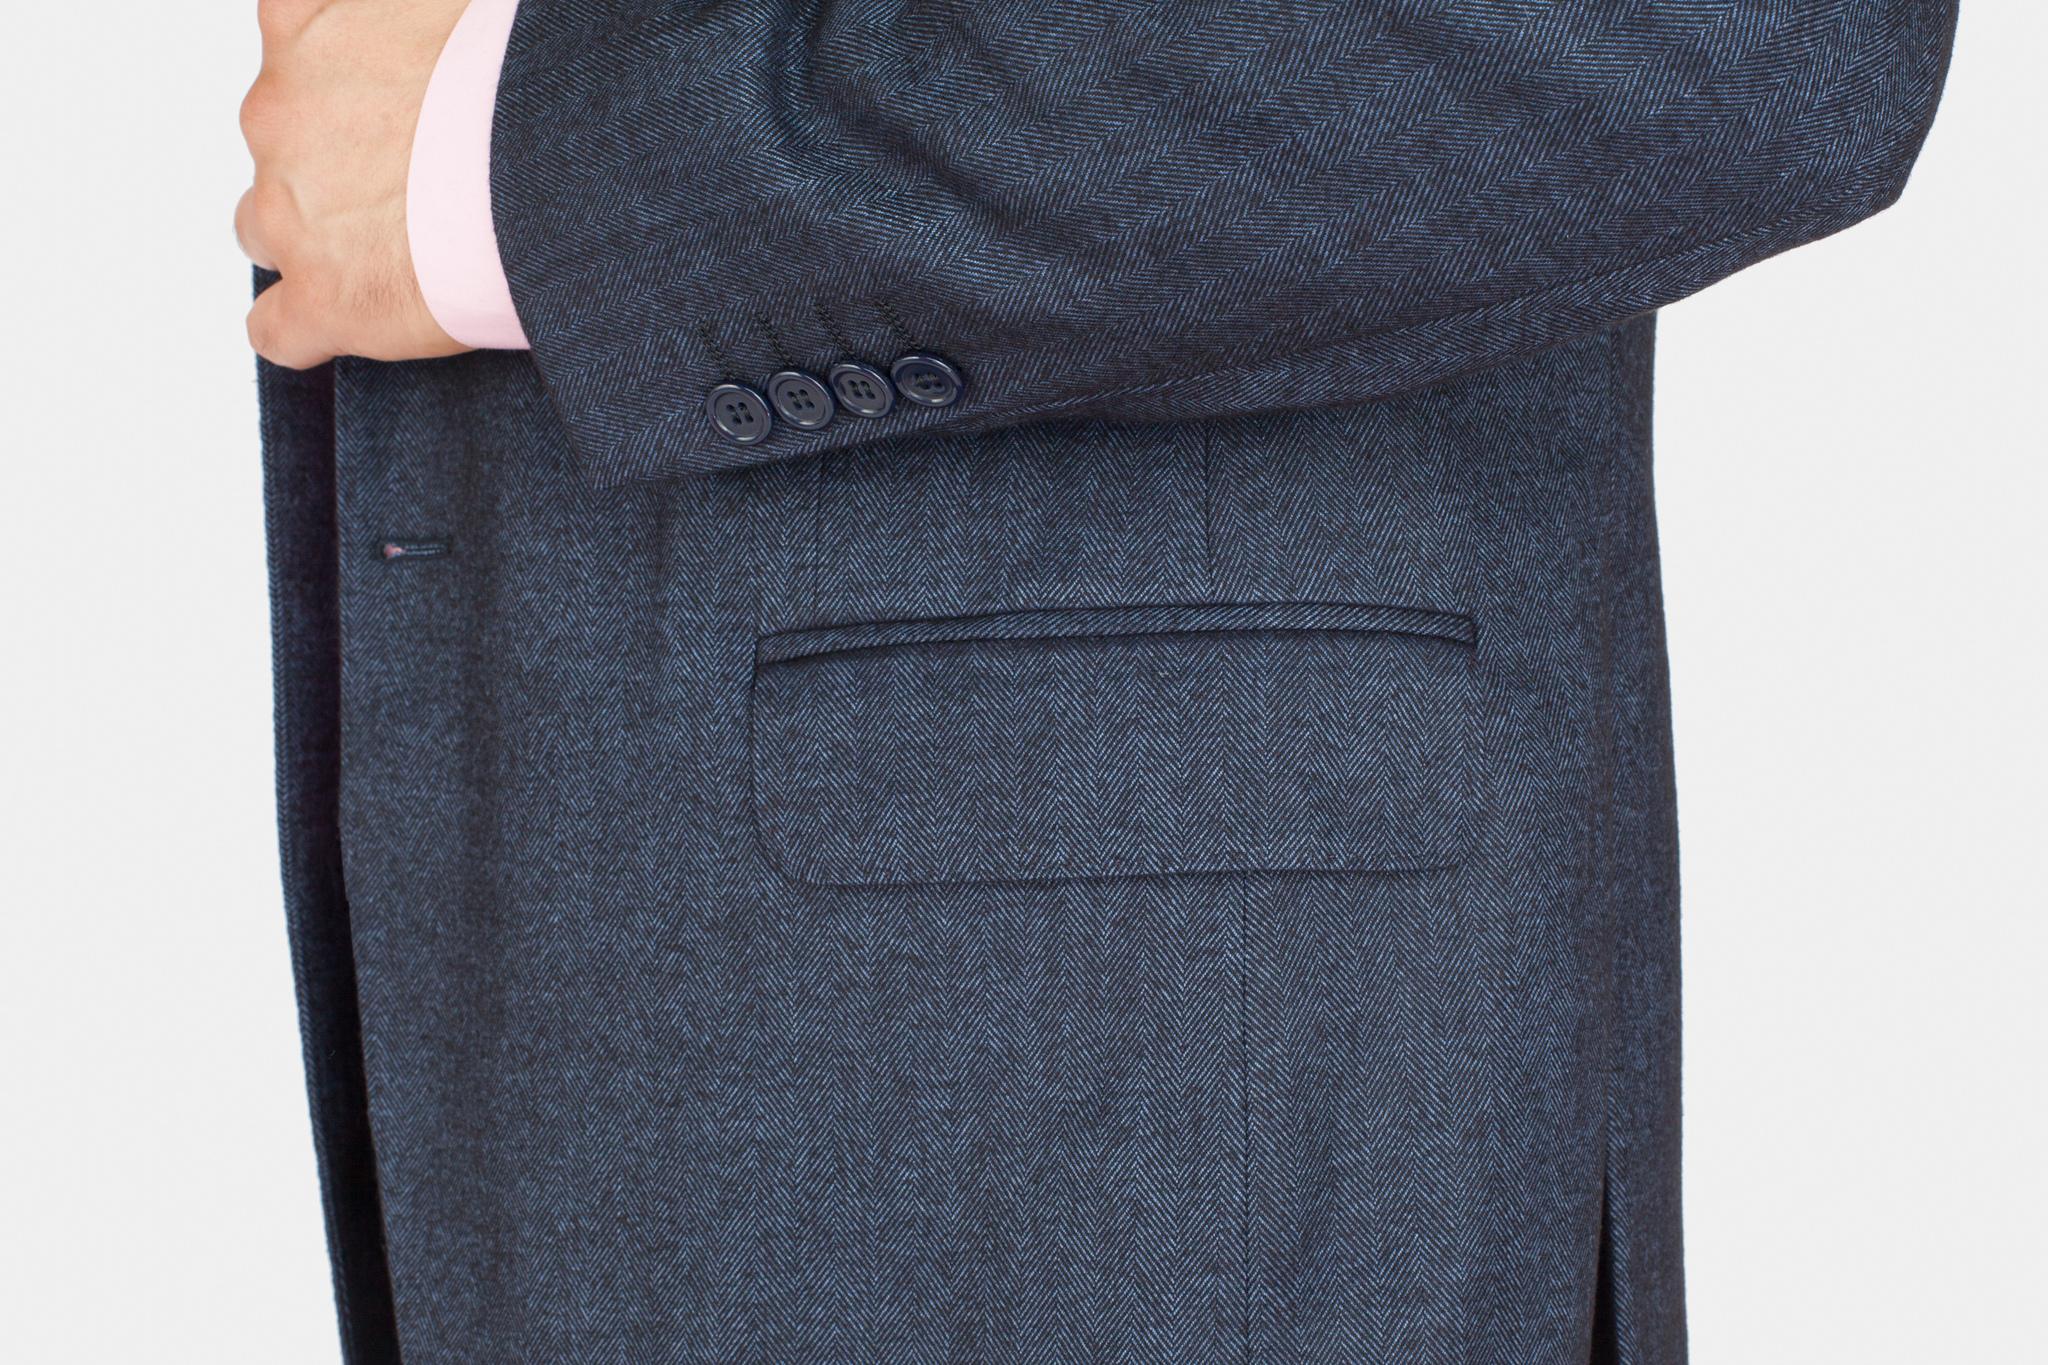 Тёмно-синий пиджак «в ёлочку» из шерсти и вискозы, накладной карман